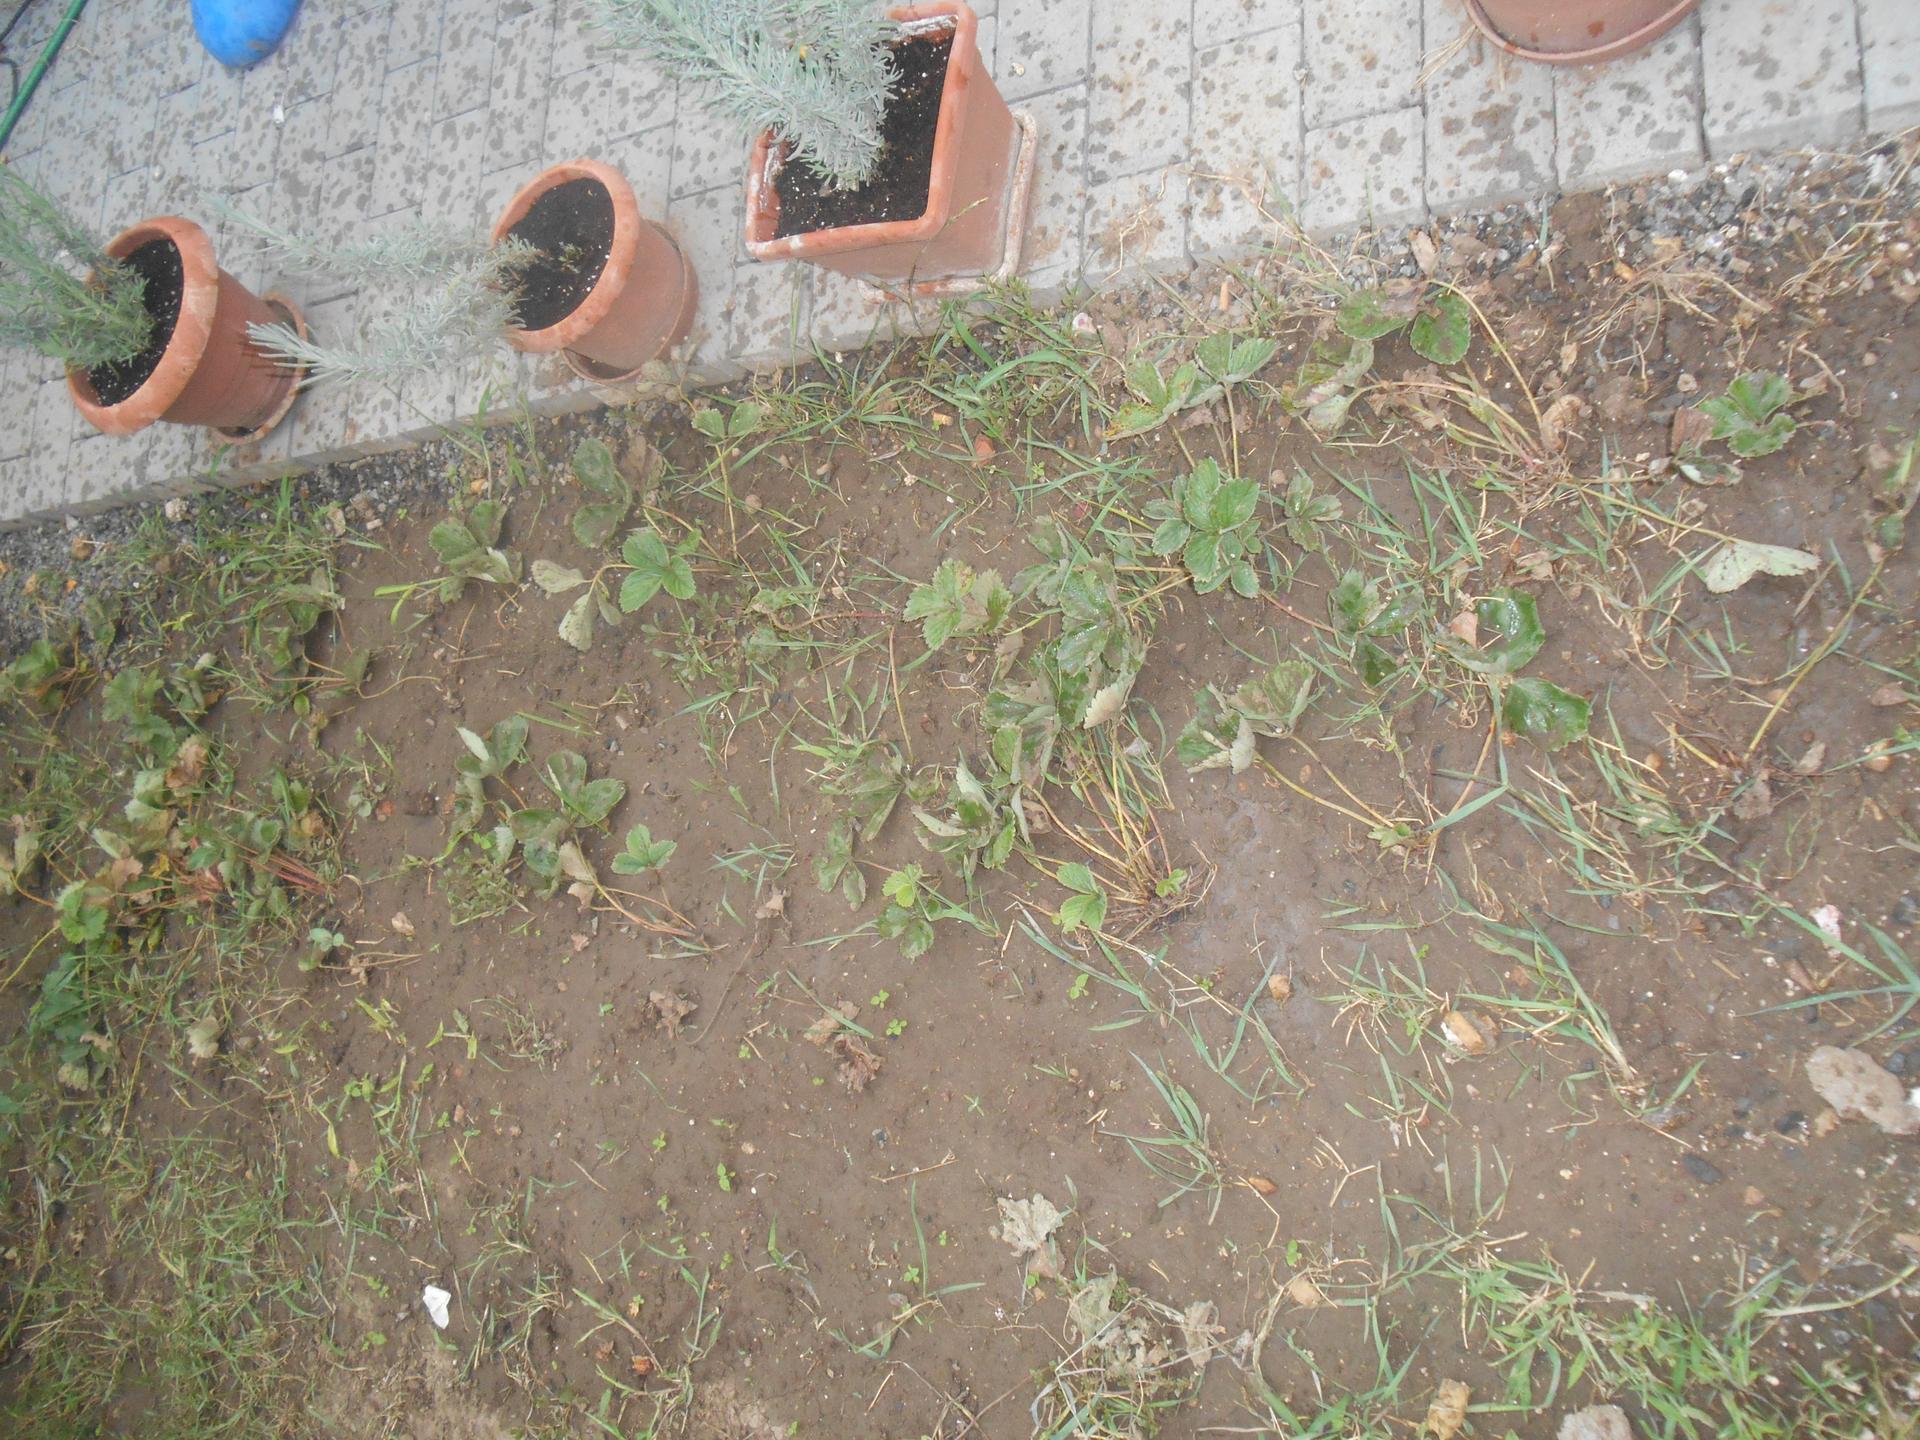 moje malá zahrádka a kytky v květináči - jelikož jsme zpravovali dvur do toho zateplovačka,tak zahrádka nic moc